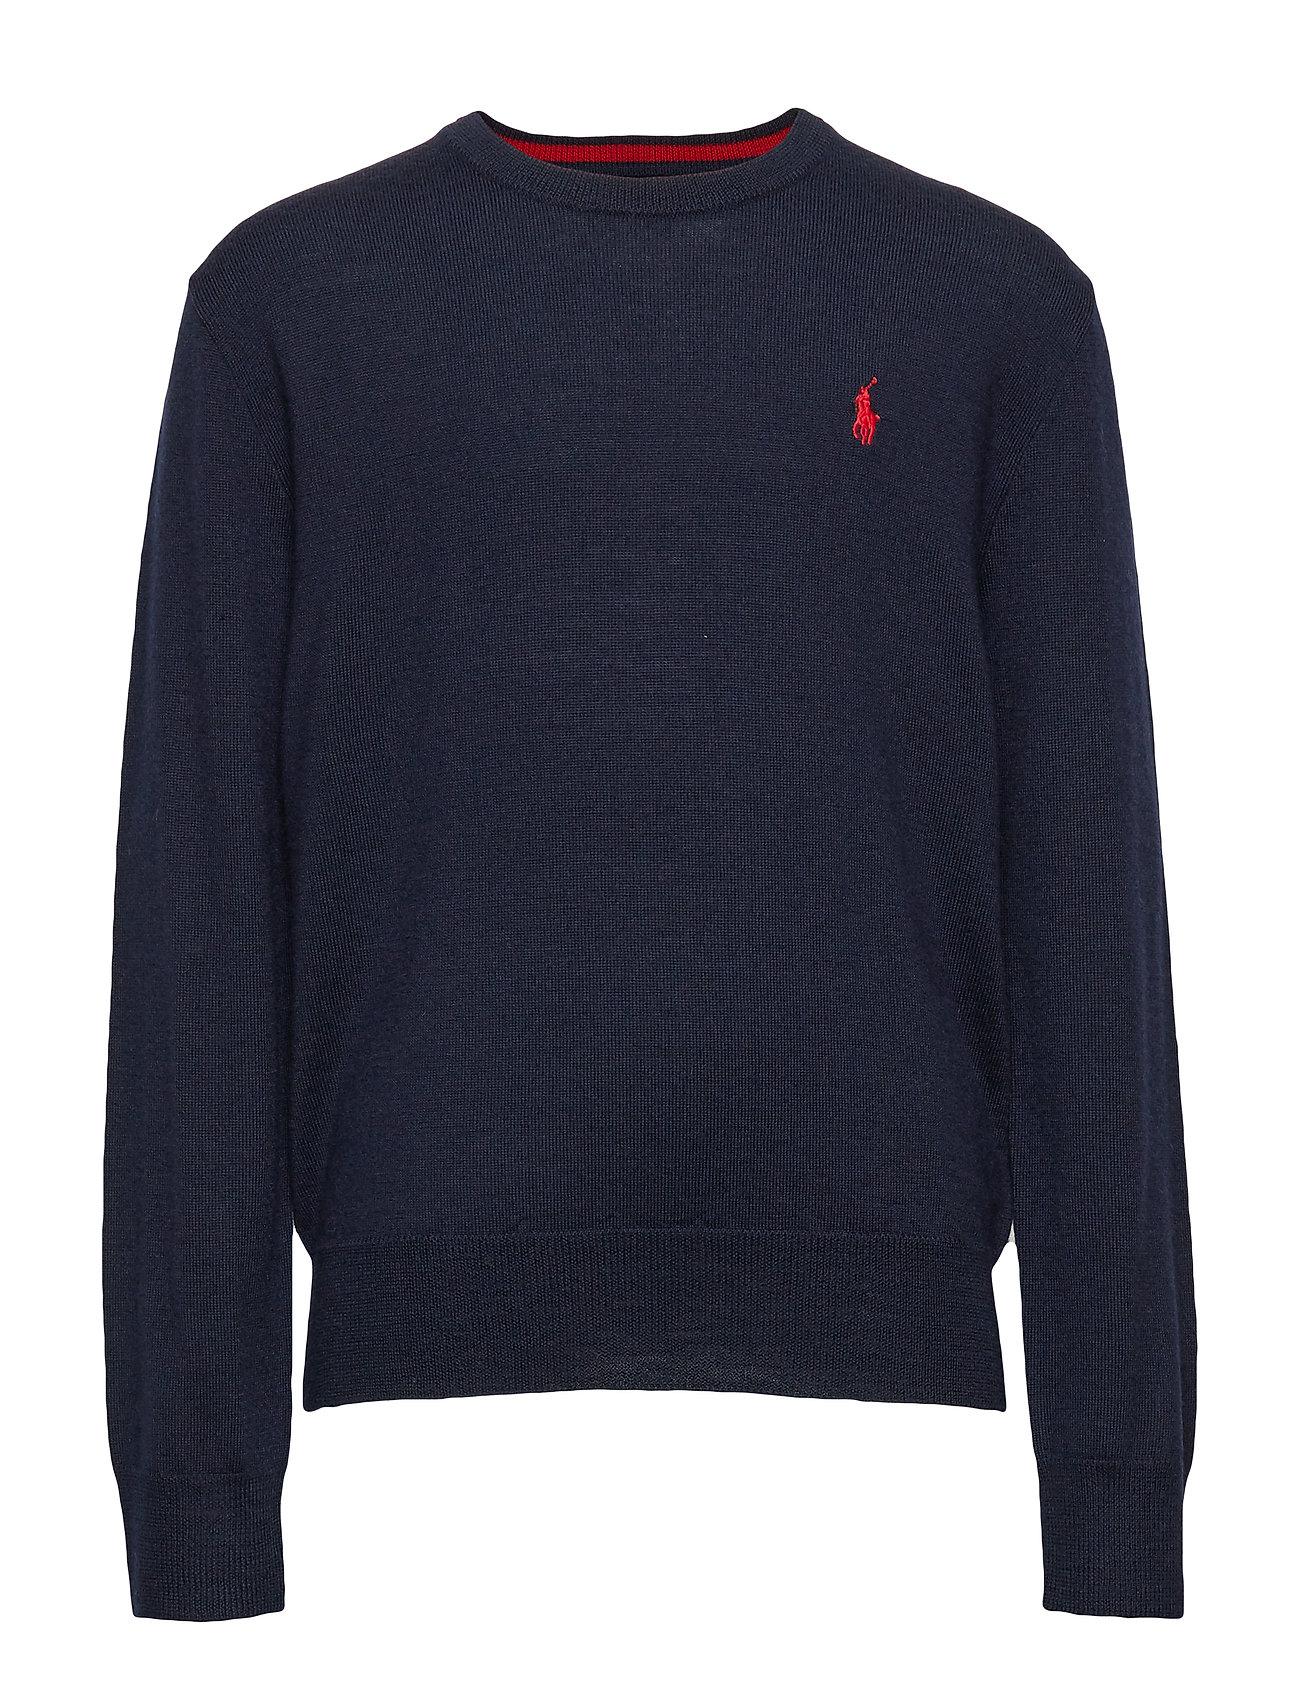 Ralph Lauren Kids Merino Wool Crewneck Sweater - NAVY